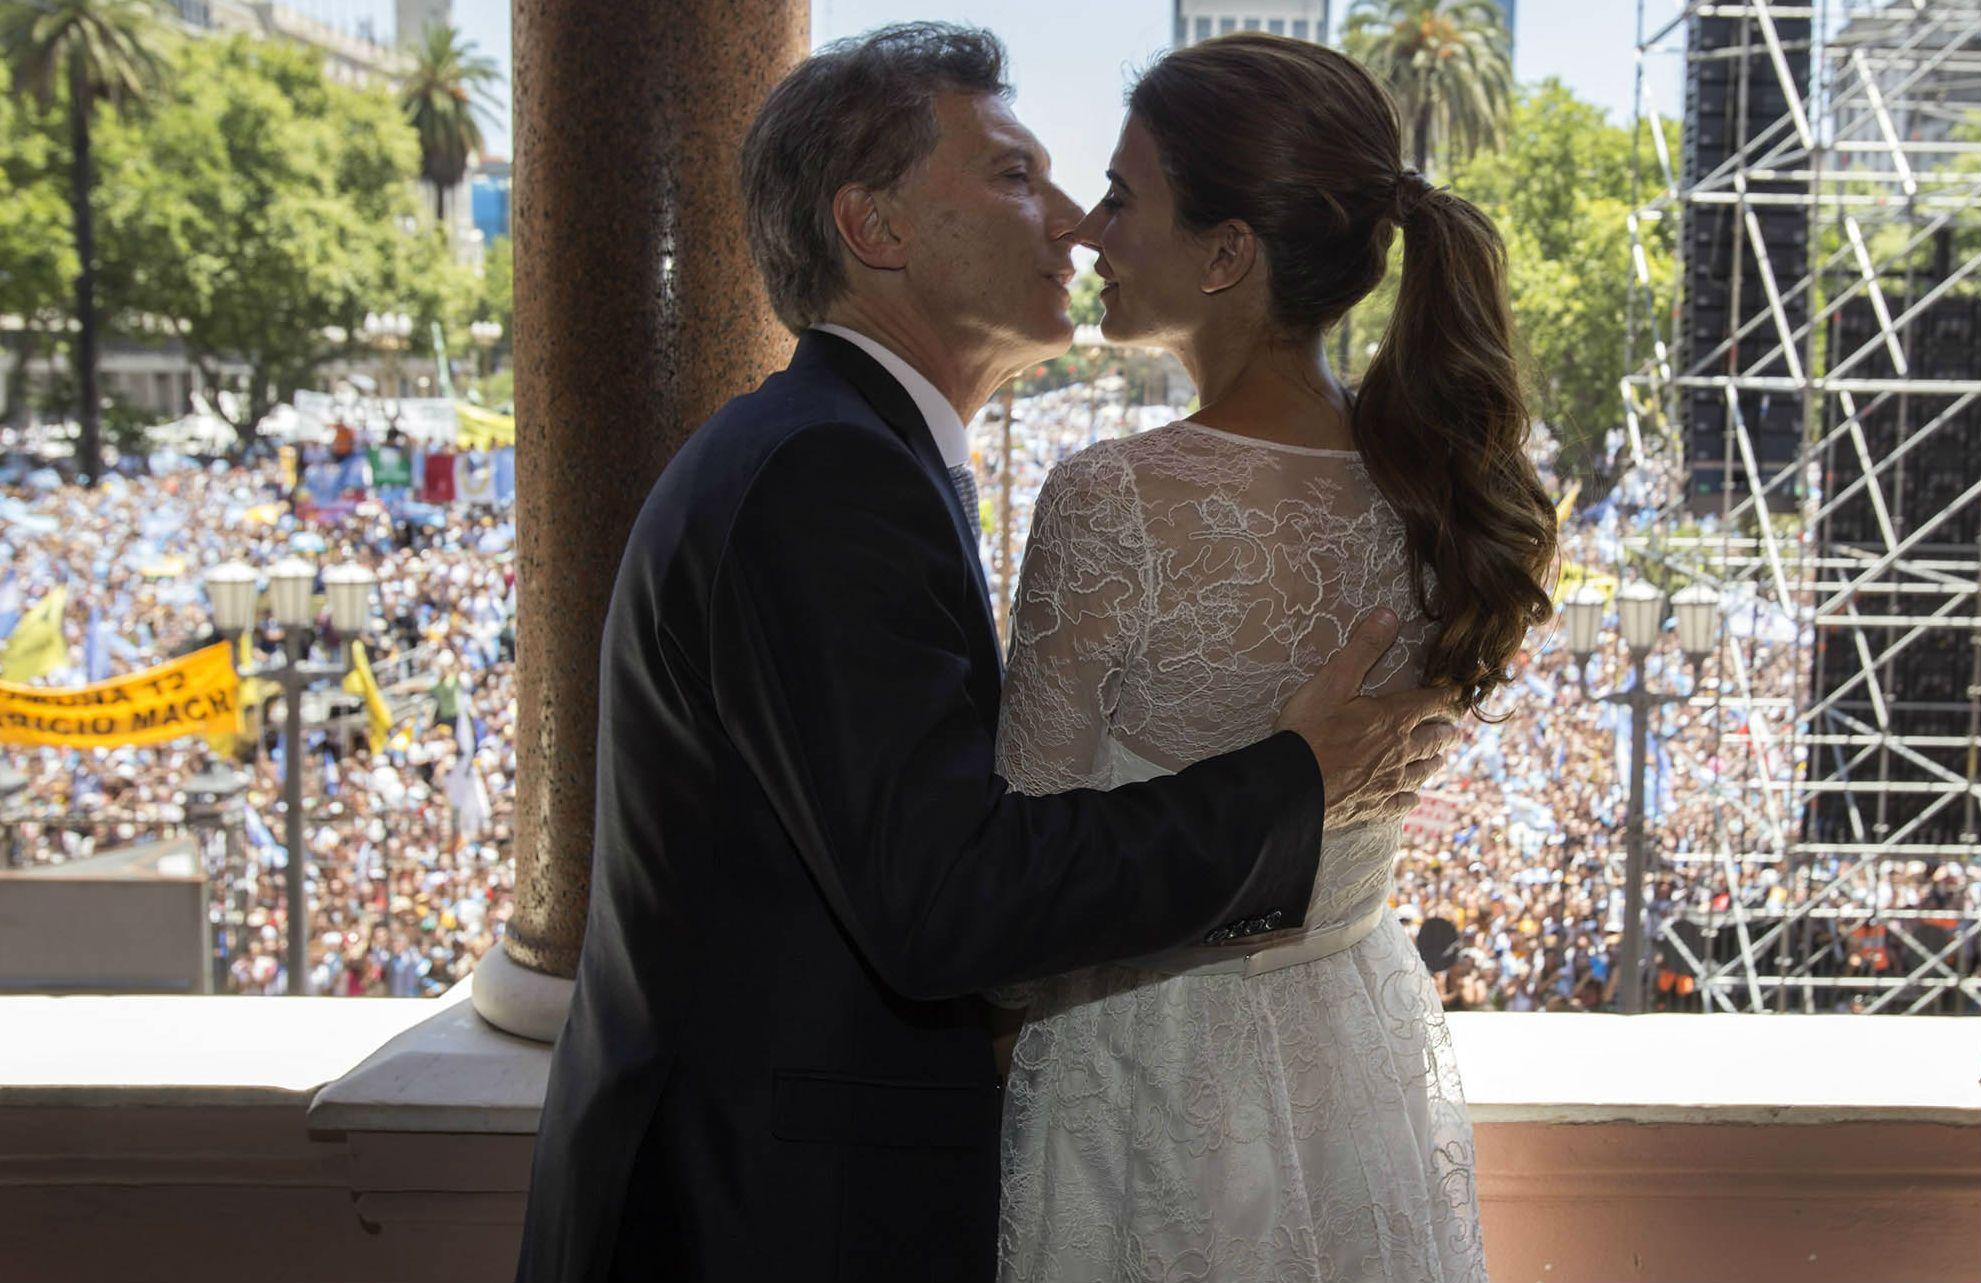 El presidente Mauricio Macri saludó a la multitud reunida en Plaza de Mayo junto a su esposa